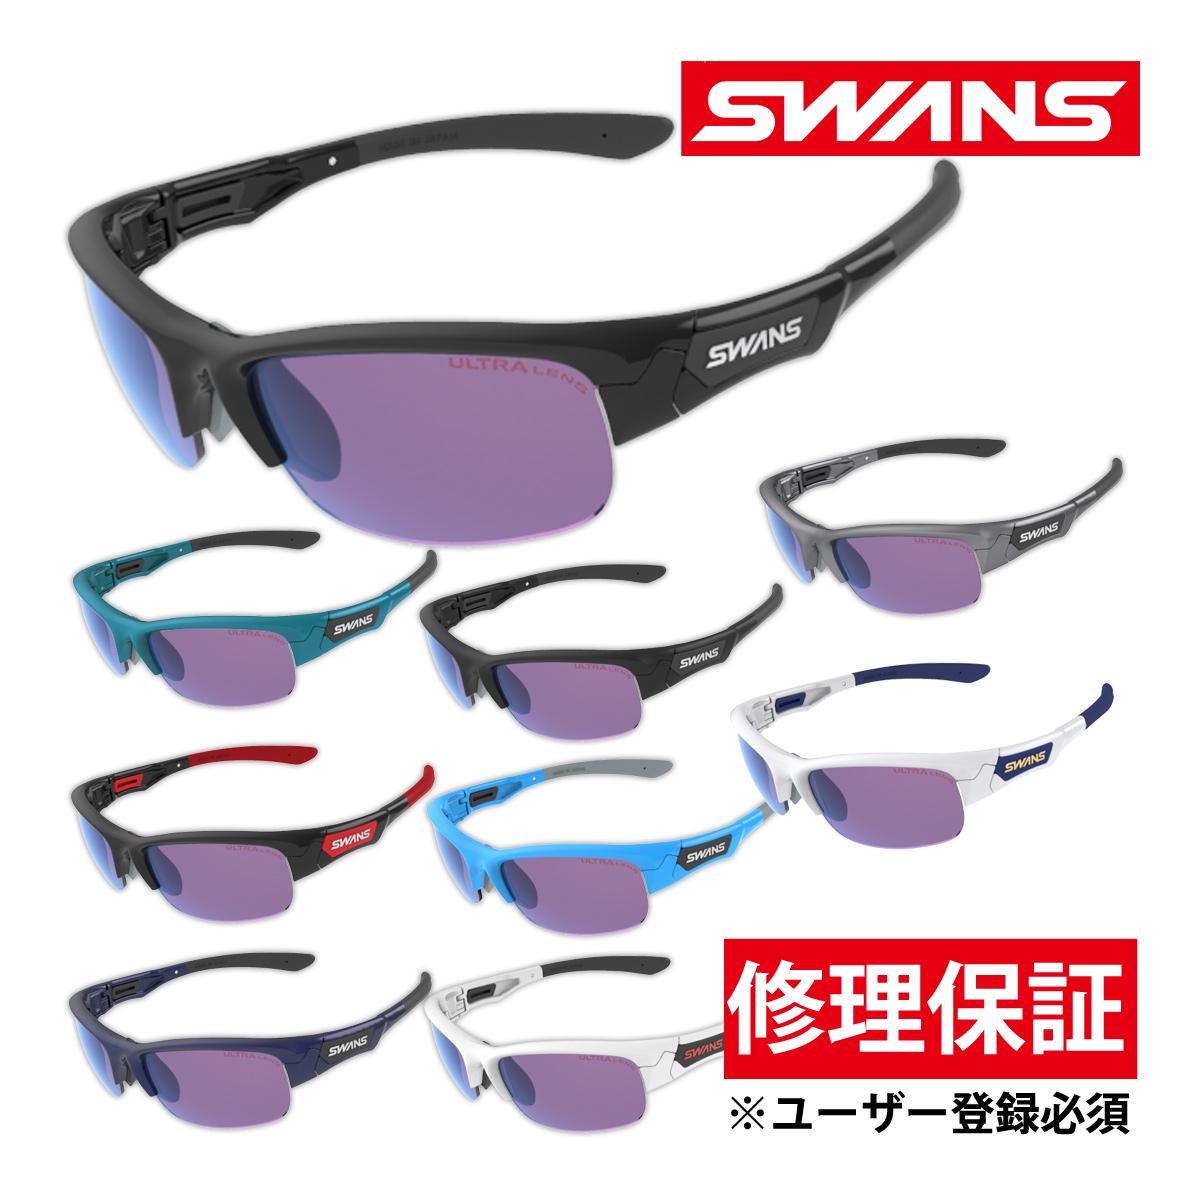 サングラス 偏光レンズ ウルトラレンズ 両面マルチ メンズ レディース ドライブ 釣り ゴルフ スポーツ SPRINGBOK フレーム+L-SPB-0167 PICBL おすすめ 人気 SWANS スワンズ